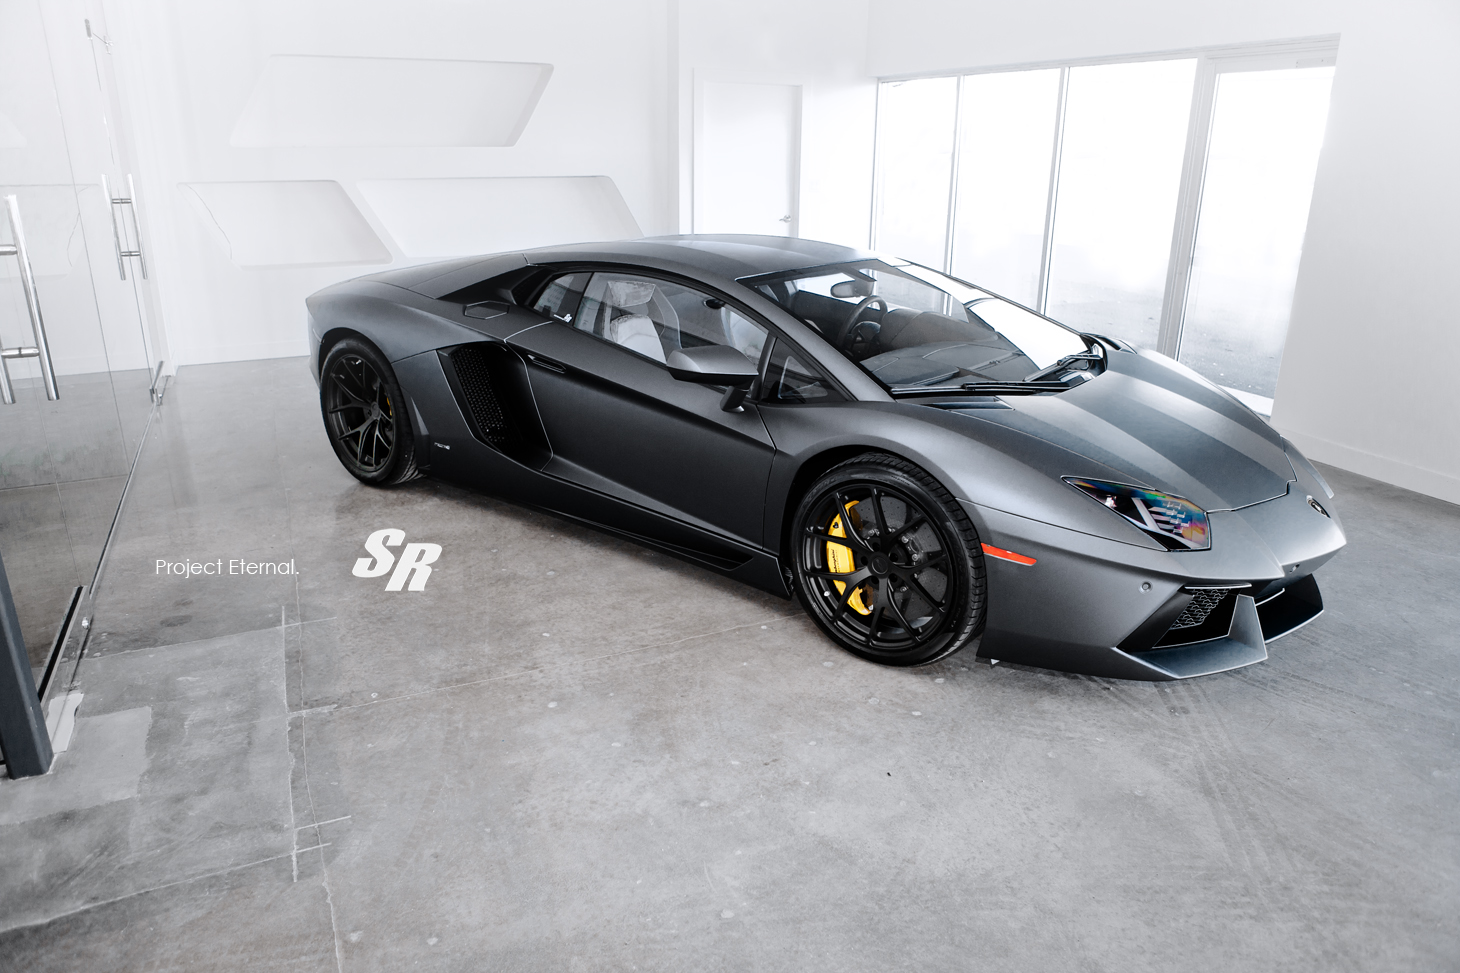 Project Eternal SR Auto Lamborghini Aventador LP 700 Nero